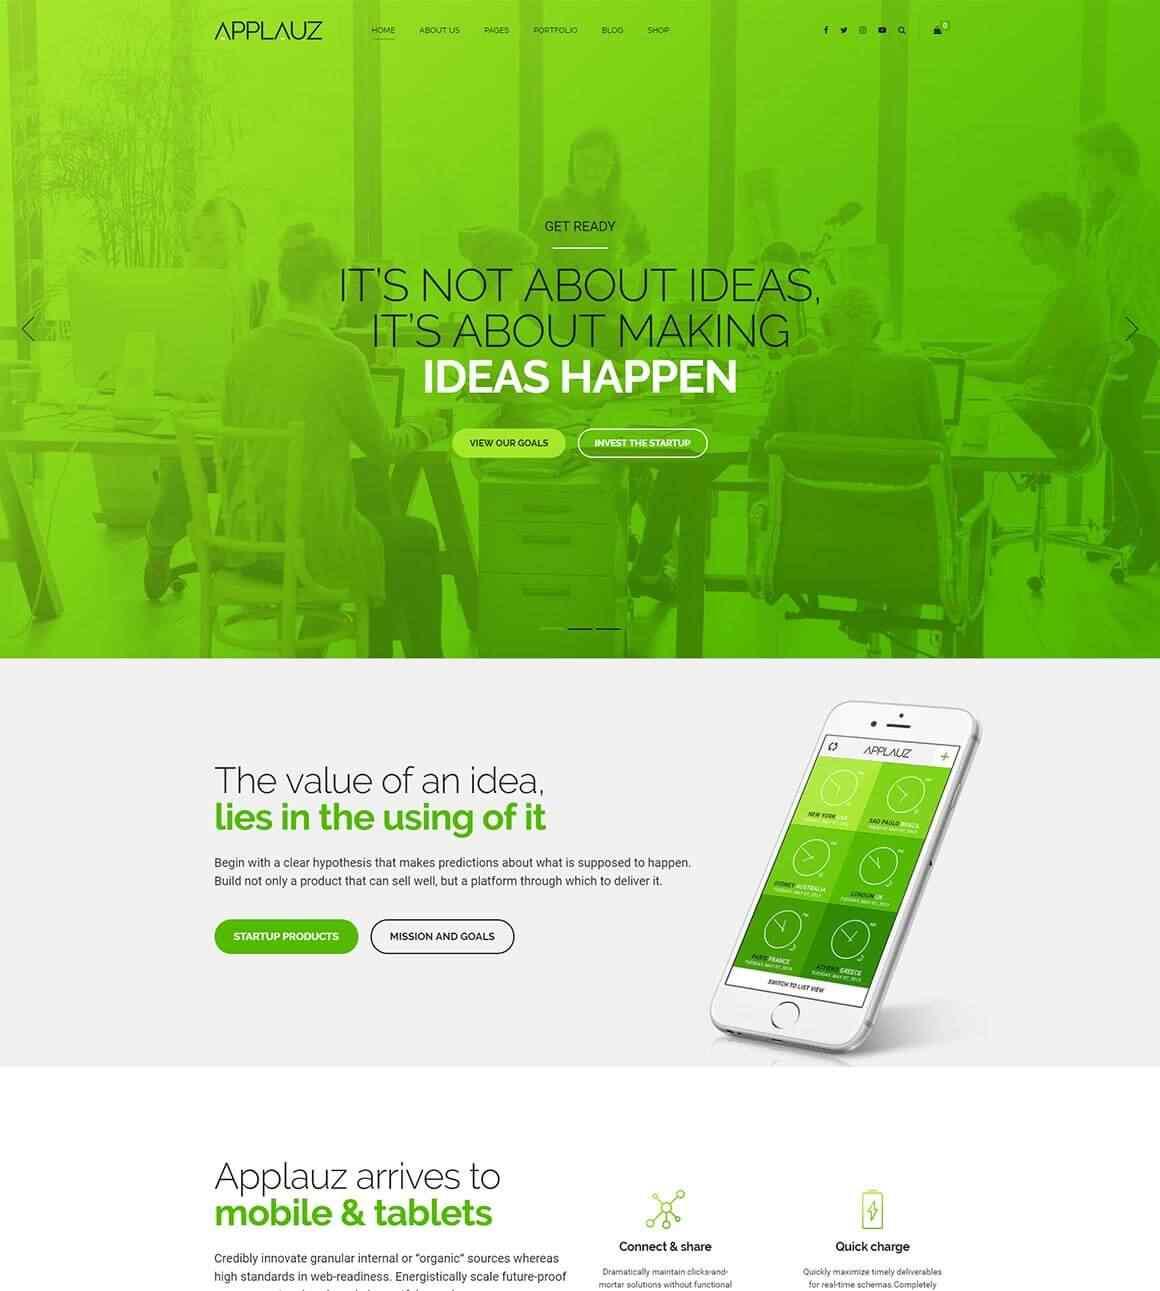 http://www.risk-pro.com/wp-content/uploads/2017/11/Screenshot-Startup.jpg